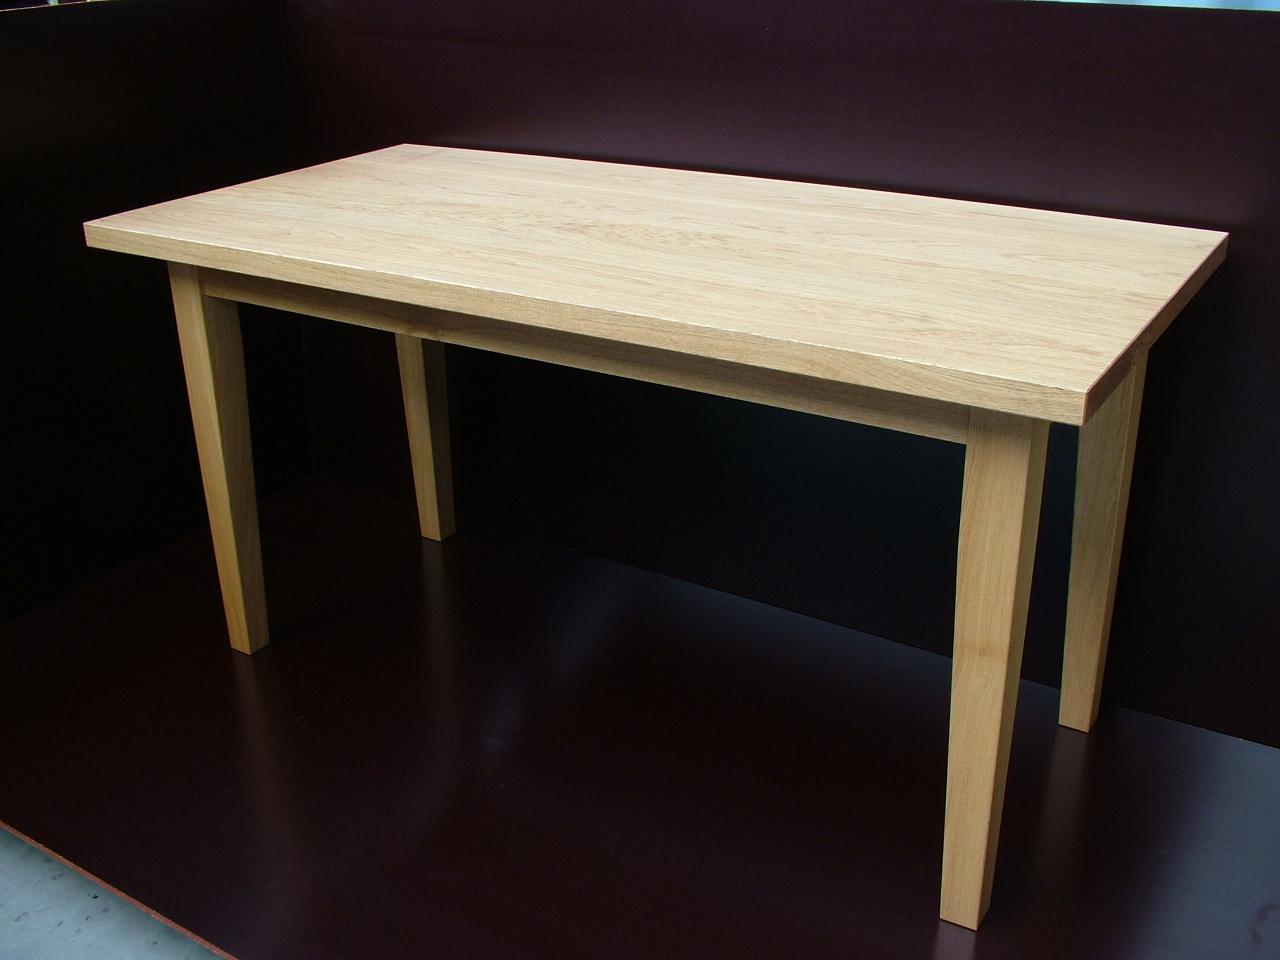 Mesas de cocina dise o 1 0 5 0 piezas anual - Mesas de cocina diseno ...